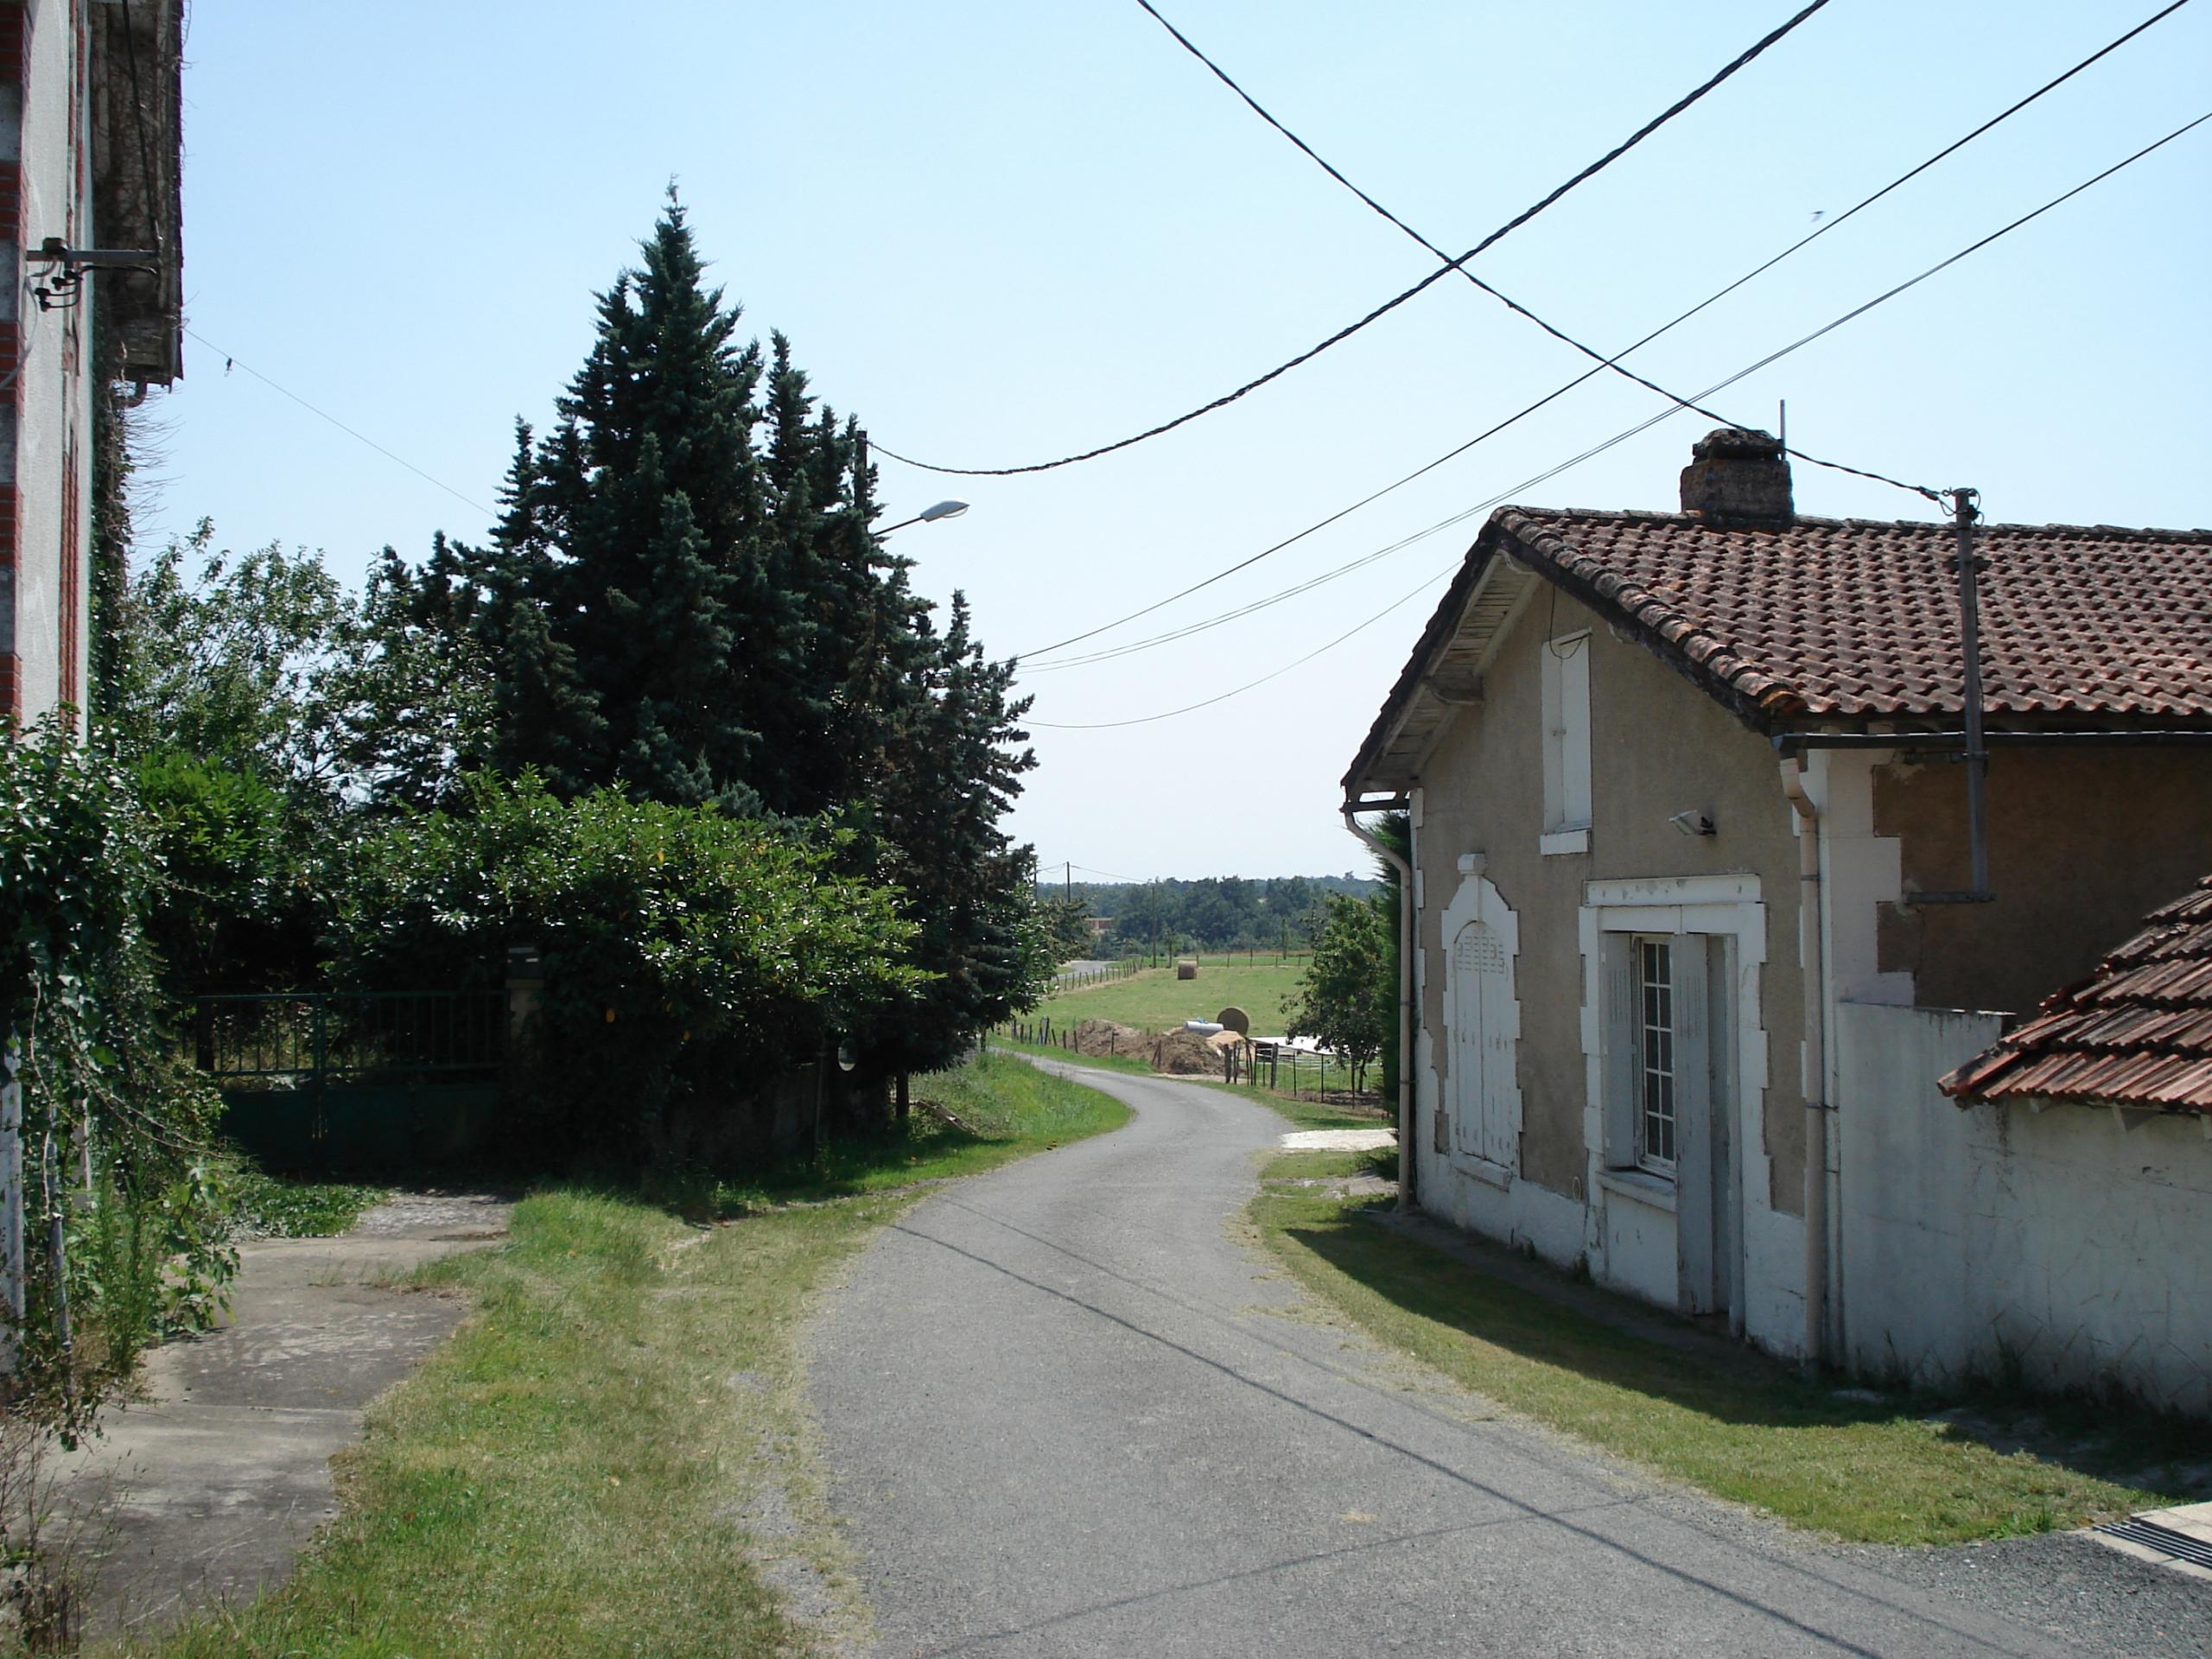 Saint-Géry, Dordogne